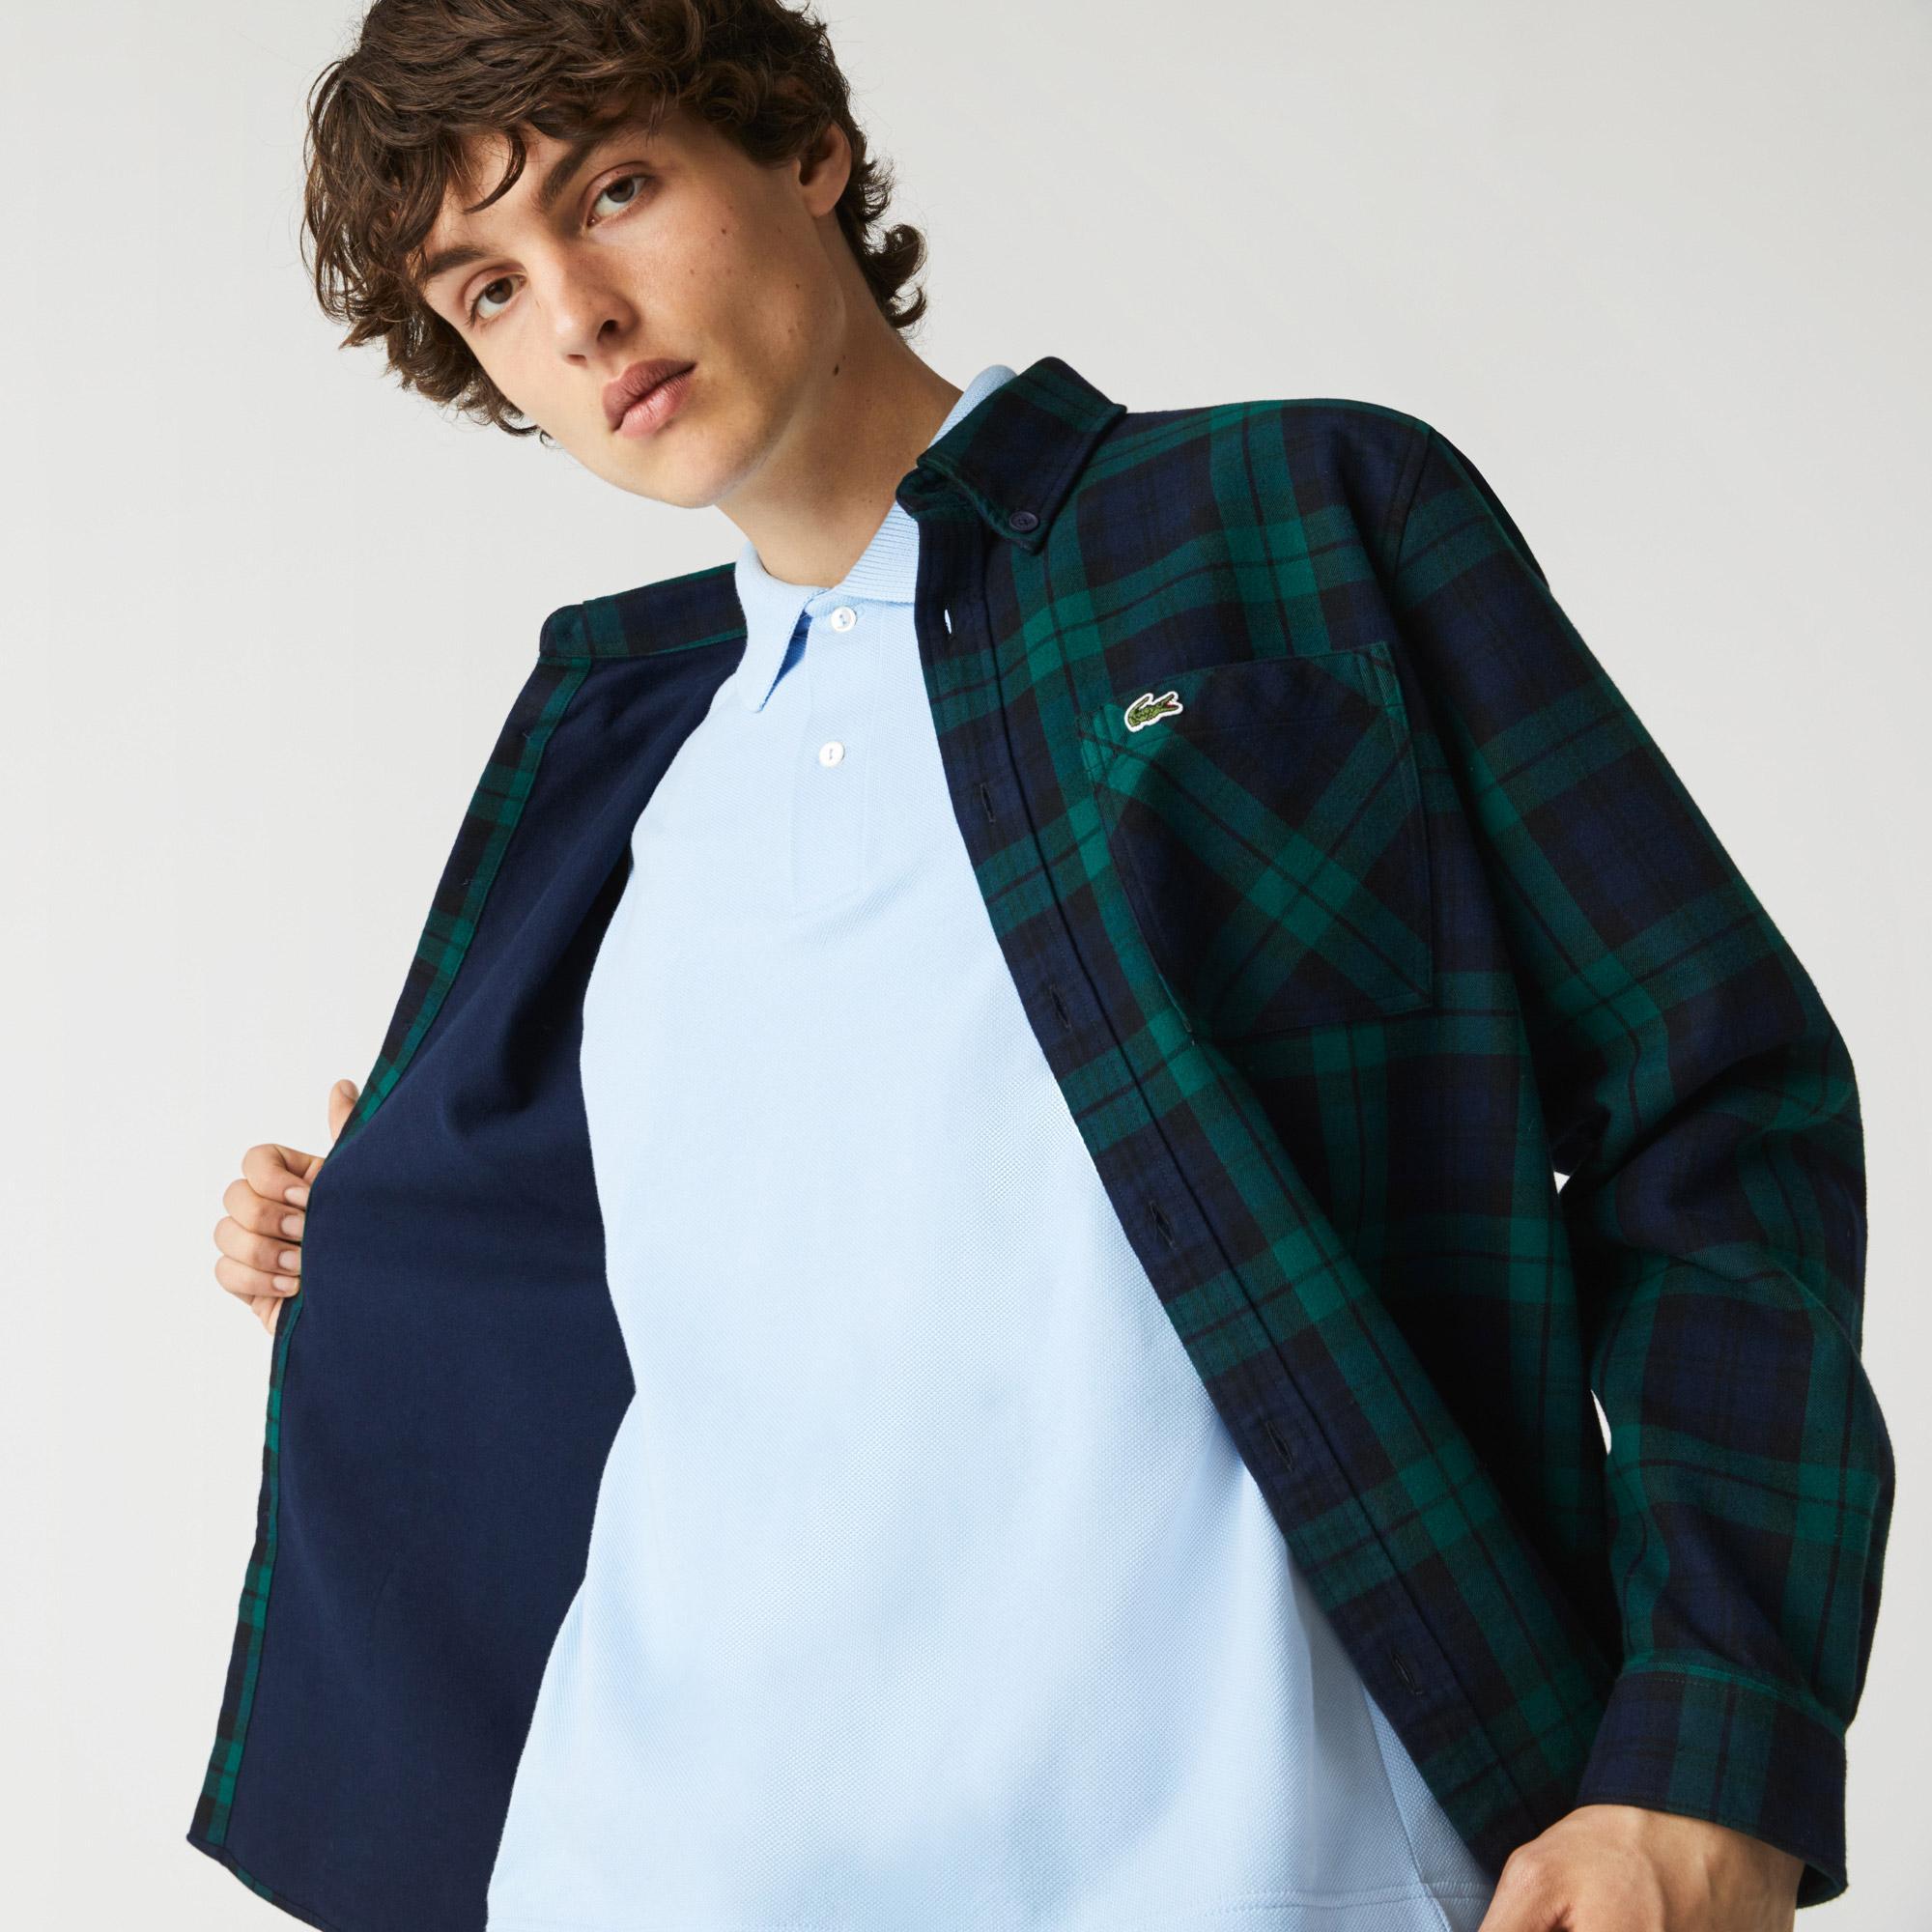 Lacoste Koszula wierzchnia męska z grubej flaneli, w kratkę, Regular Fit